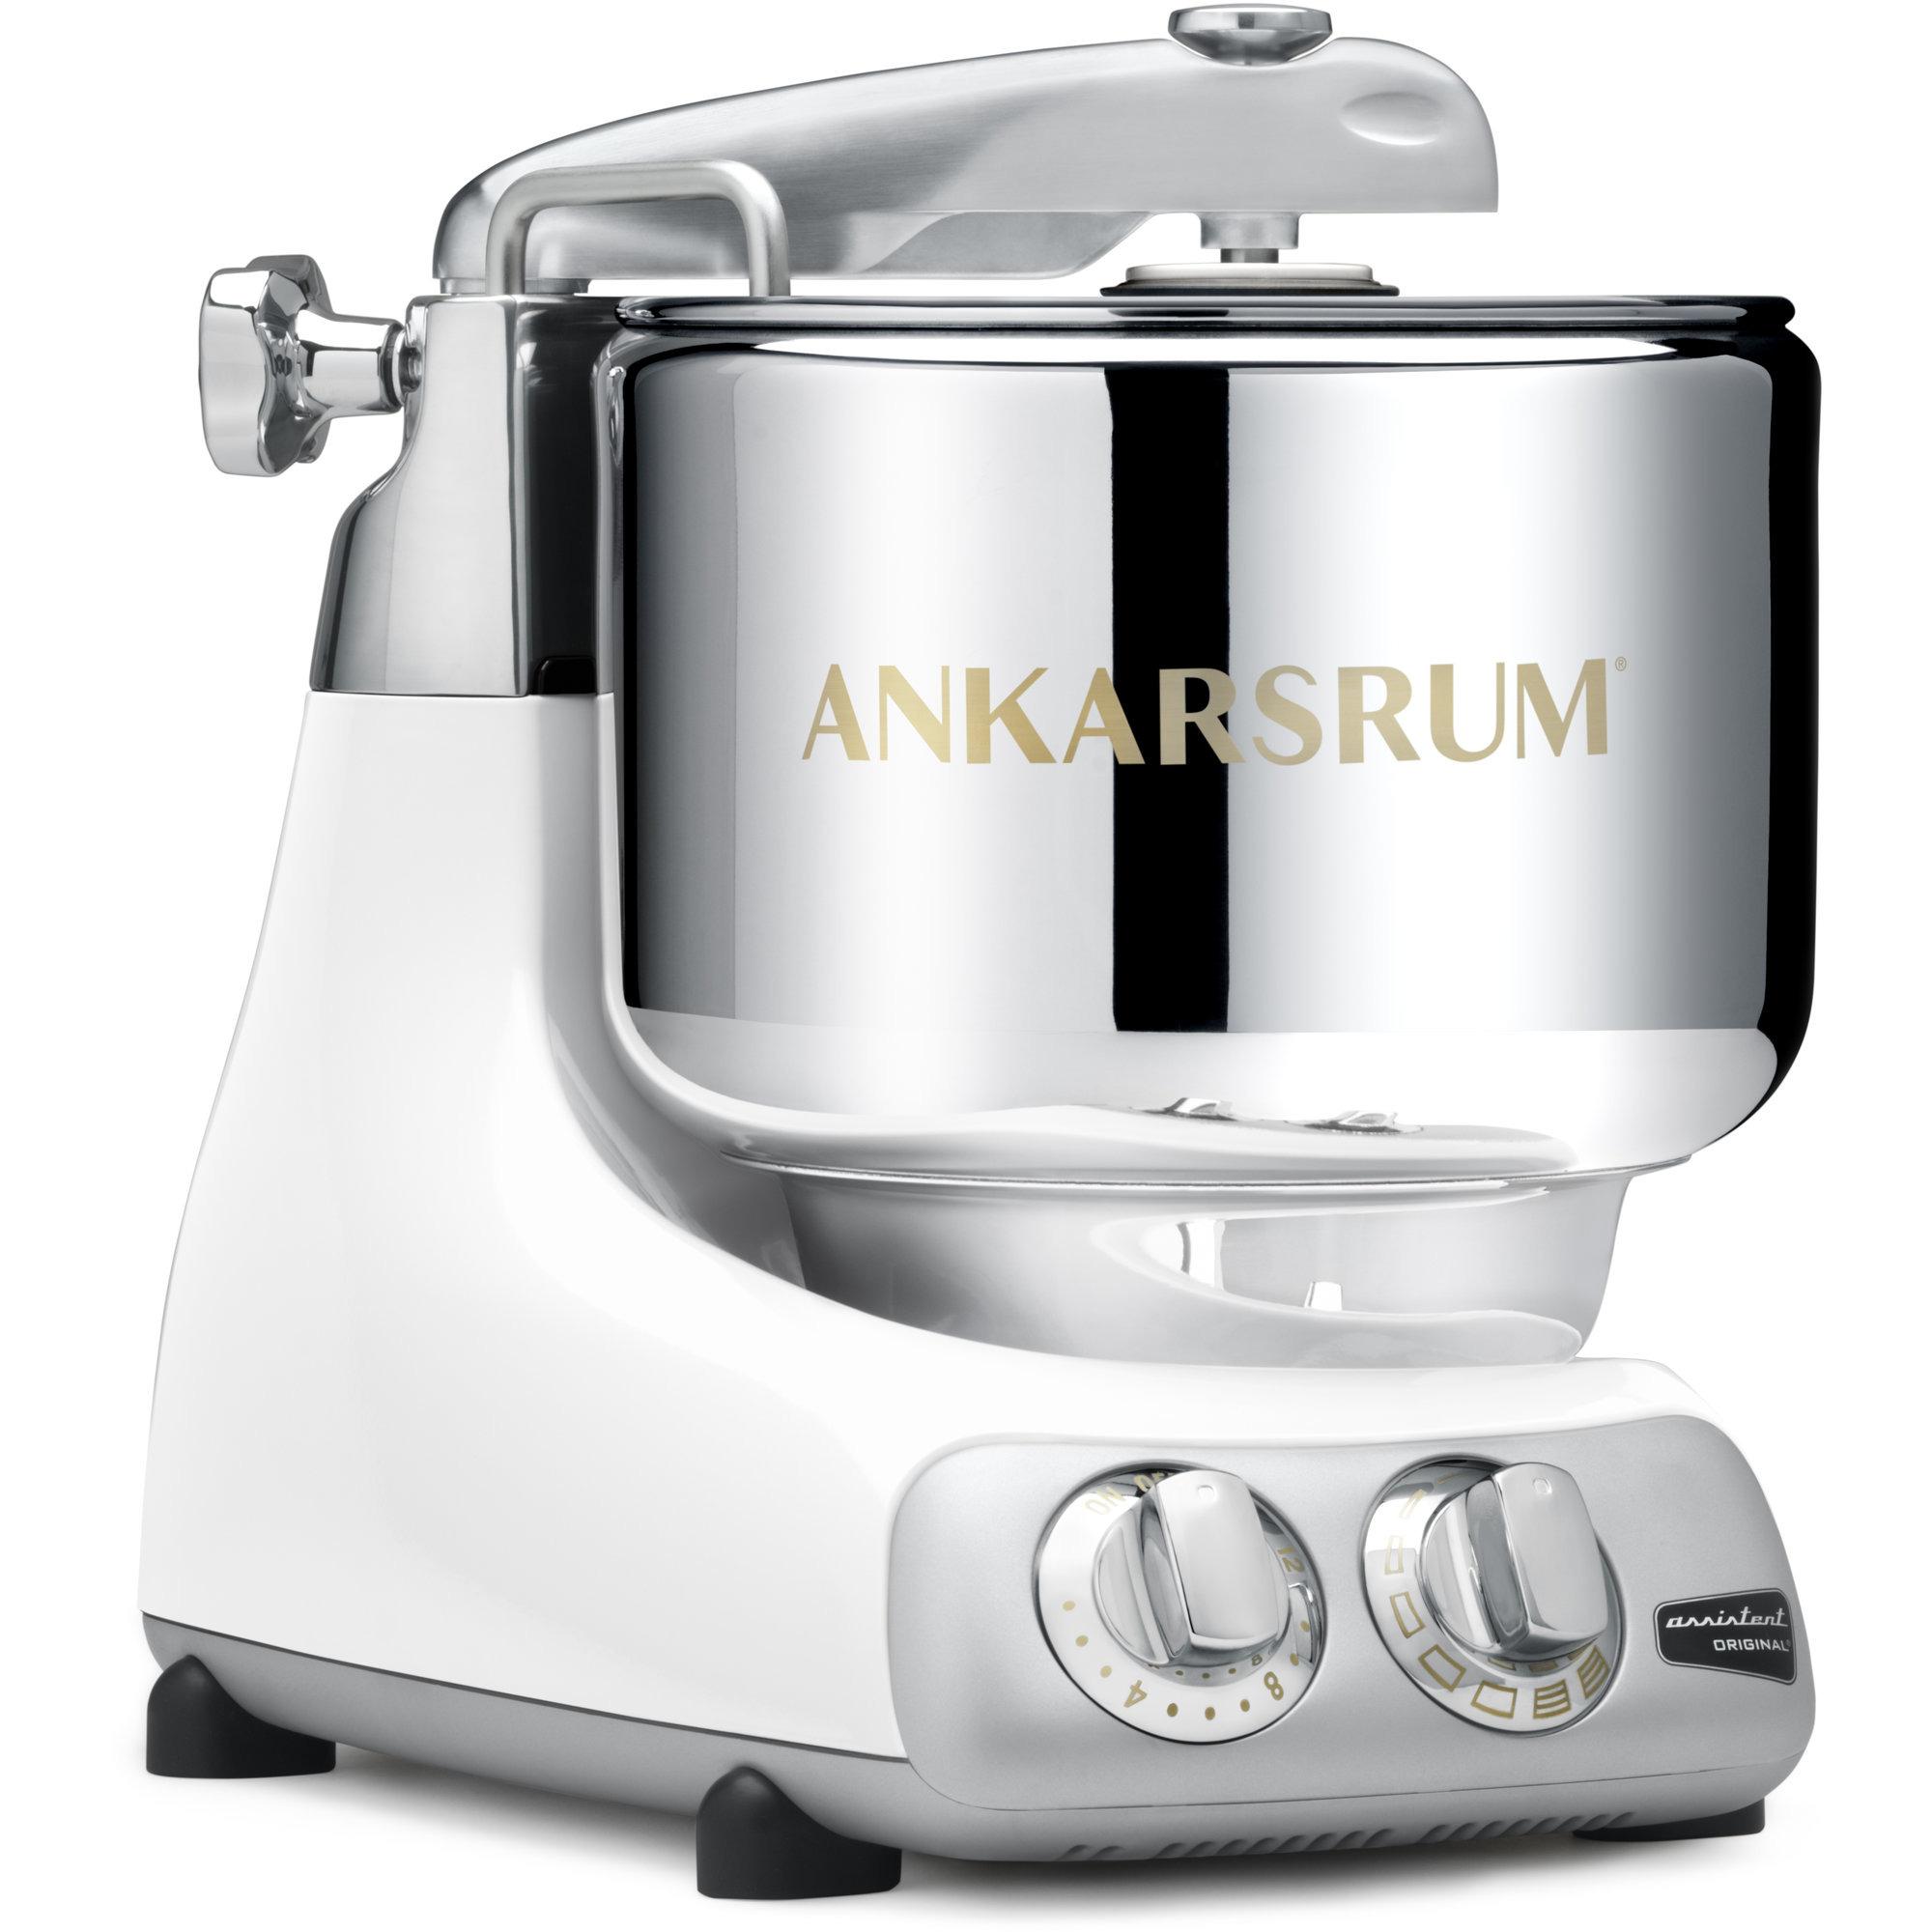 Ankarsrum Assistent Original Mineral White AKM 6230